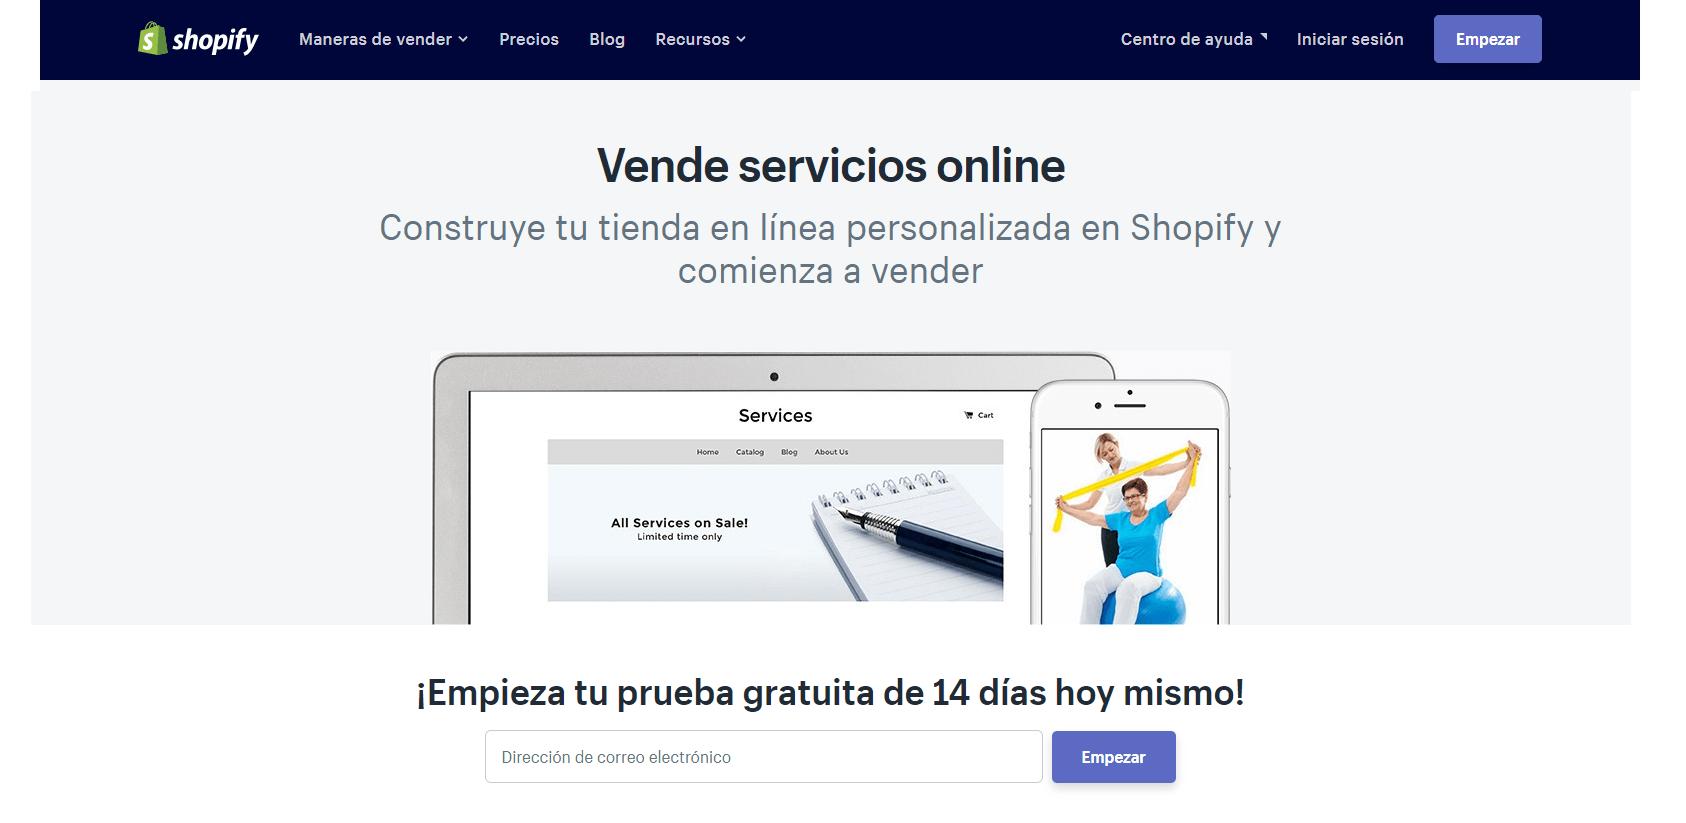 Plataforma shopify para crear una tienda virtual